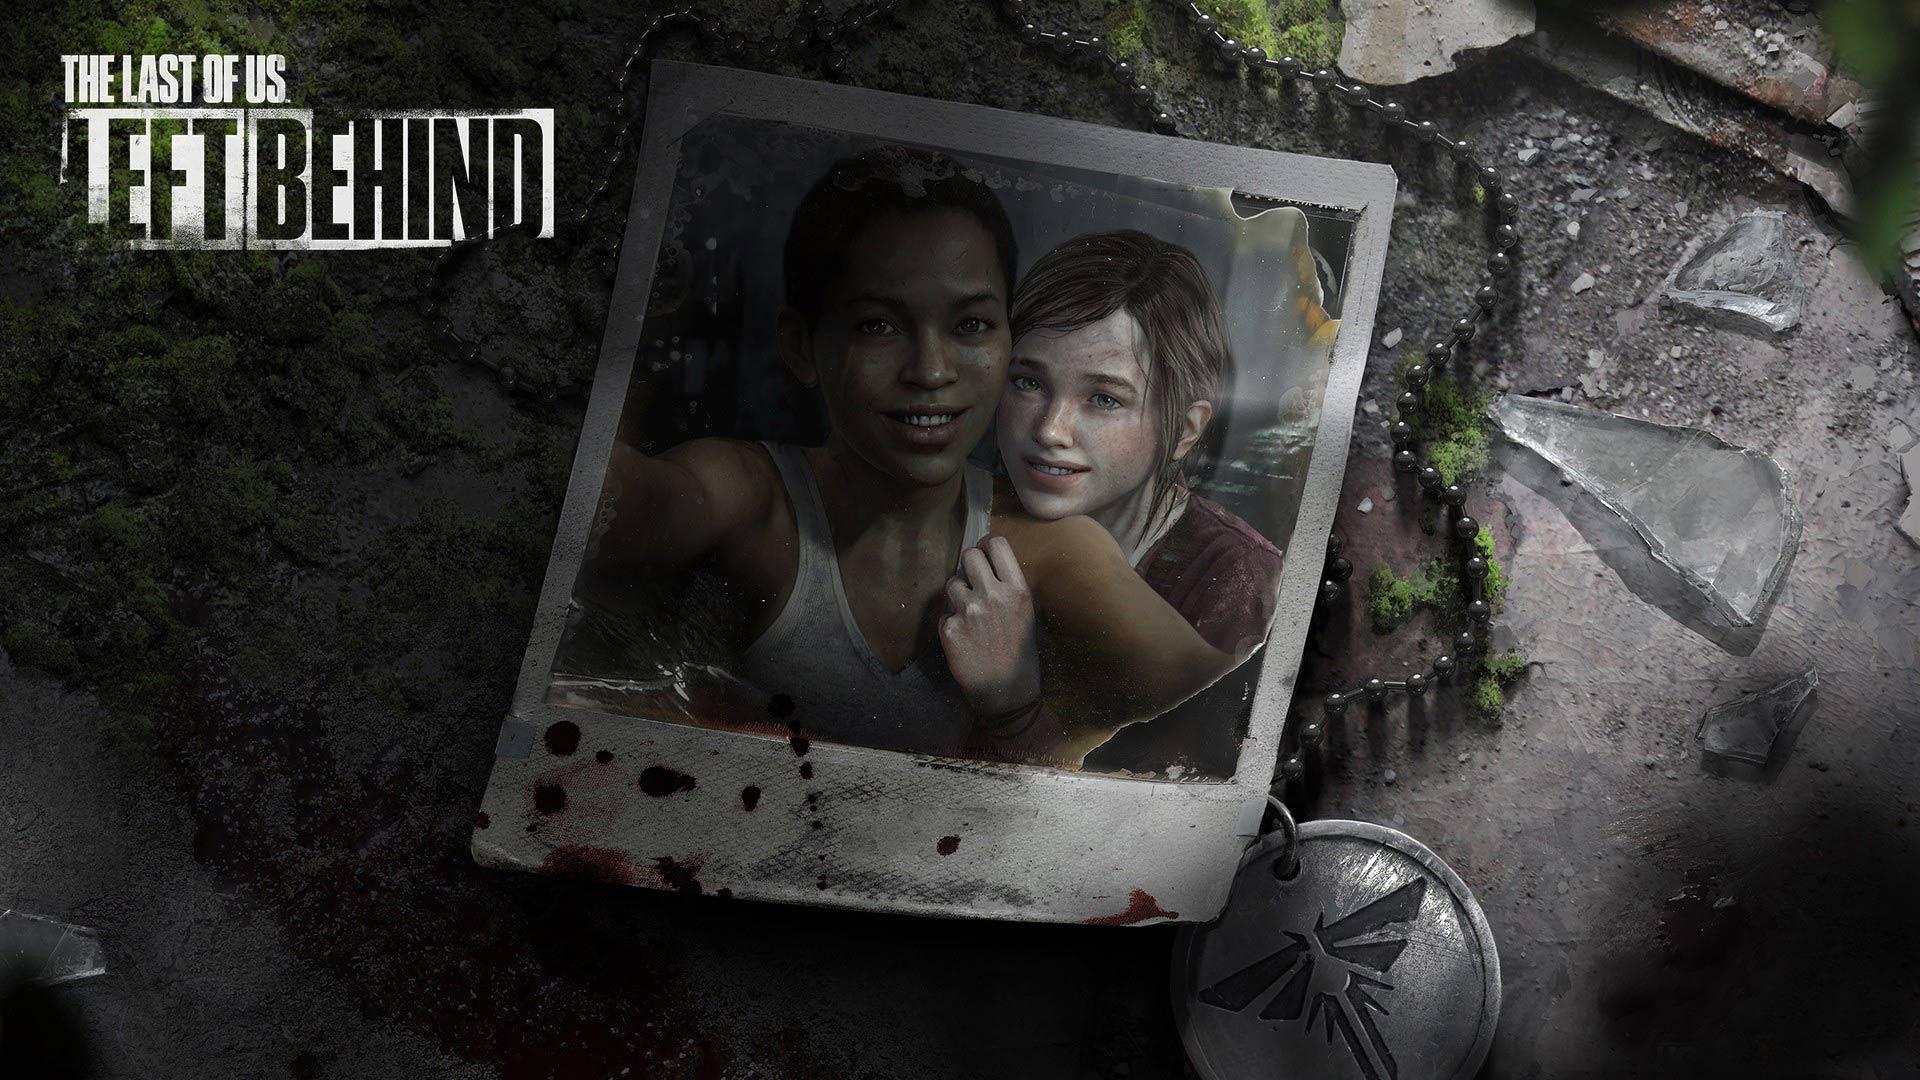 210 The Last Of Us Papéis De Parede Hd: Papel De Parede Grátis Para